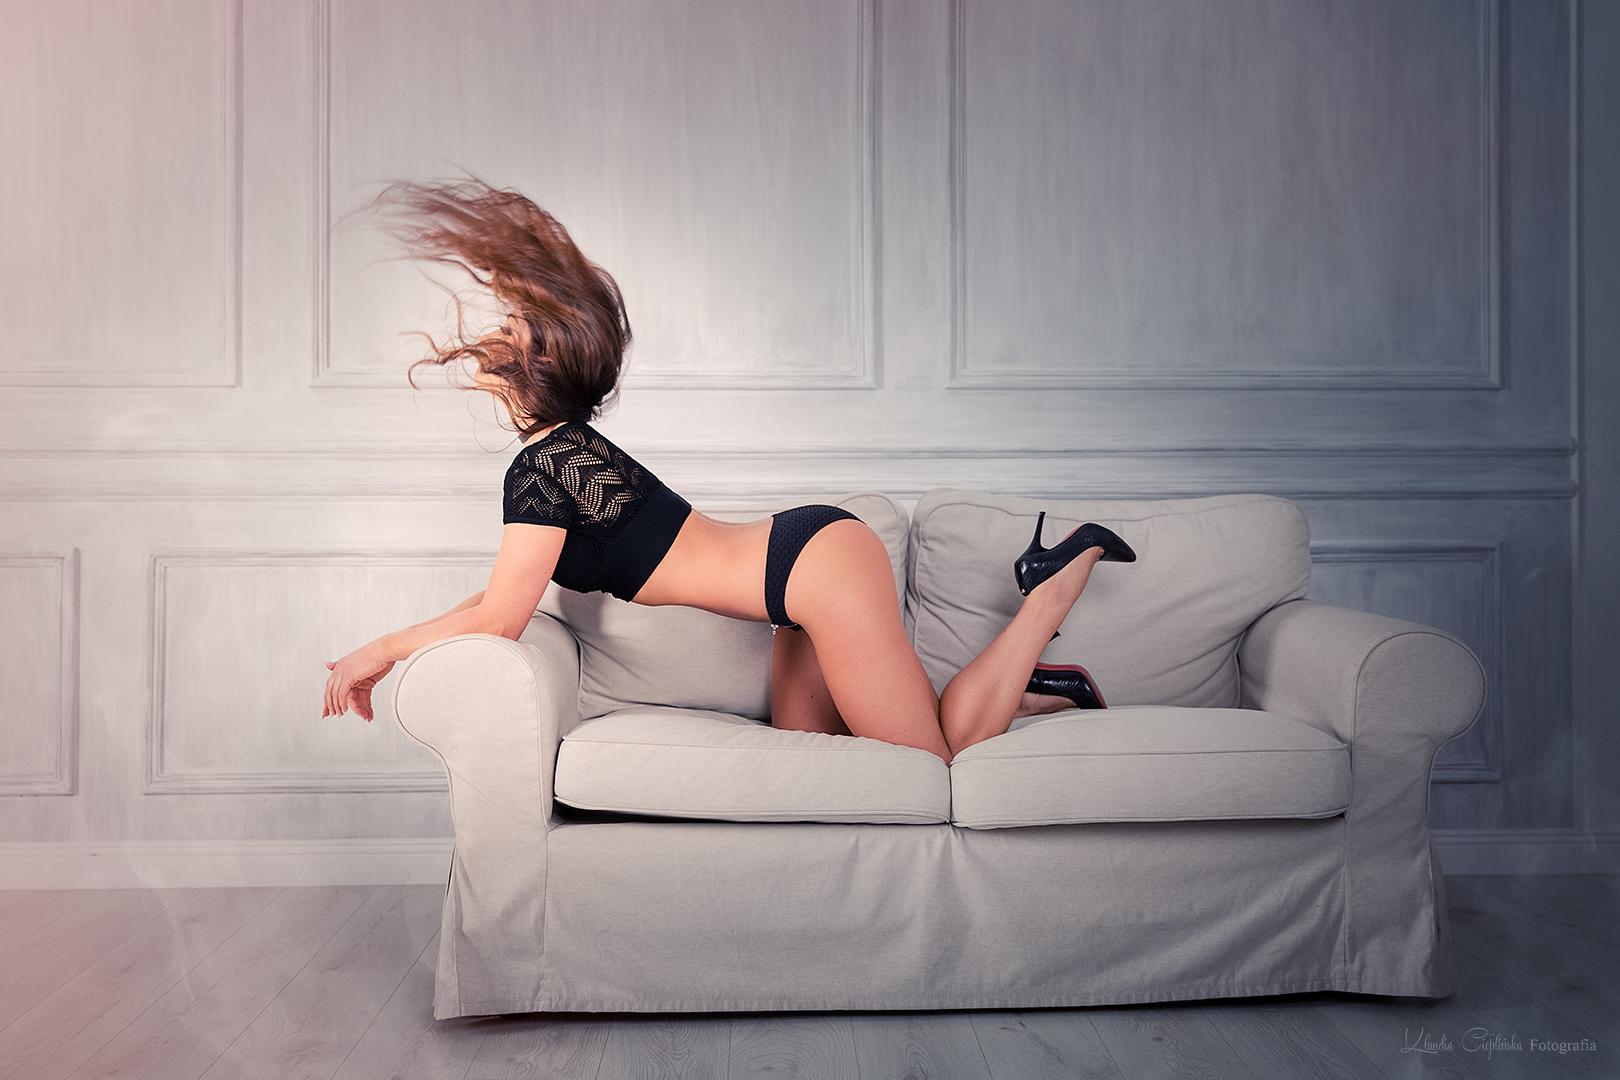 Zdjęcia kobiet w Big Studio we Wrocławiu. Fotografia kobieca, sensualna, zdjęcia boudoir - sesja zdjęcia kobiece Wrocław.